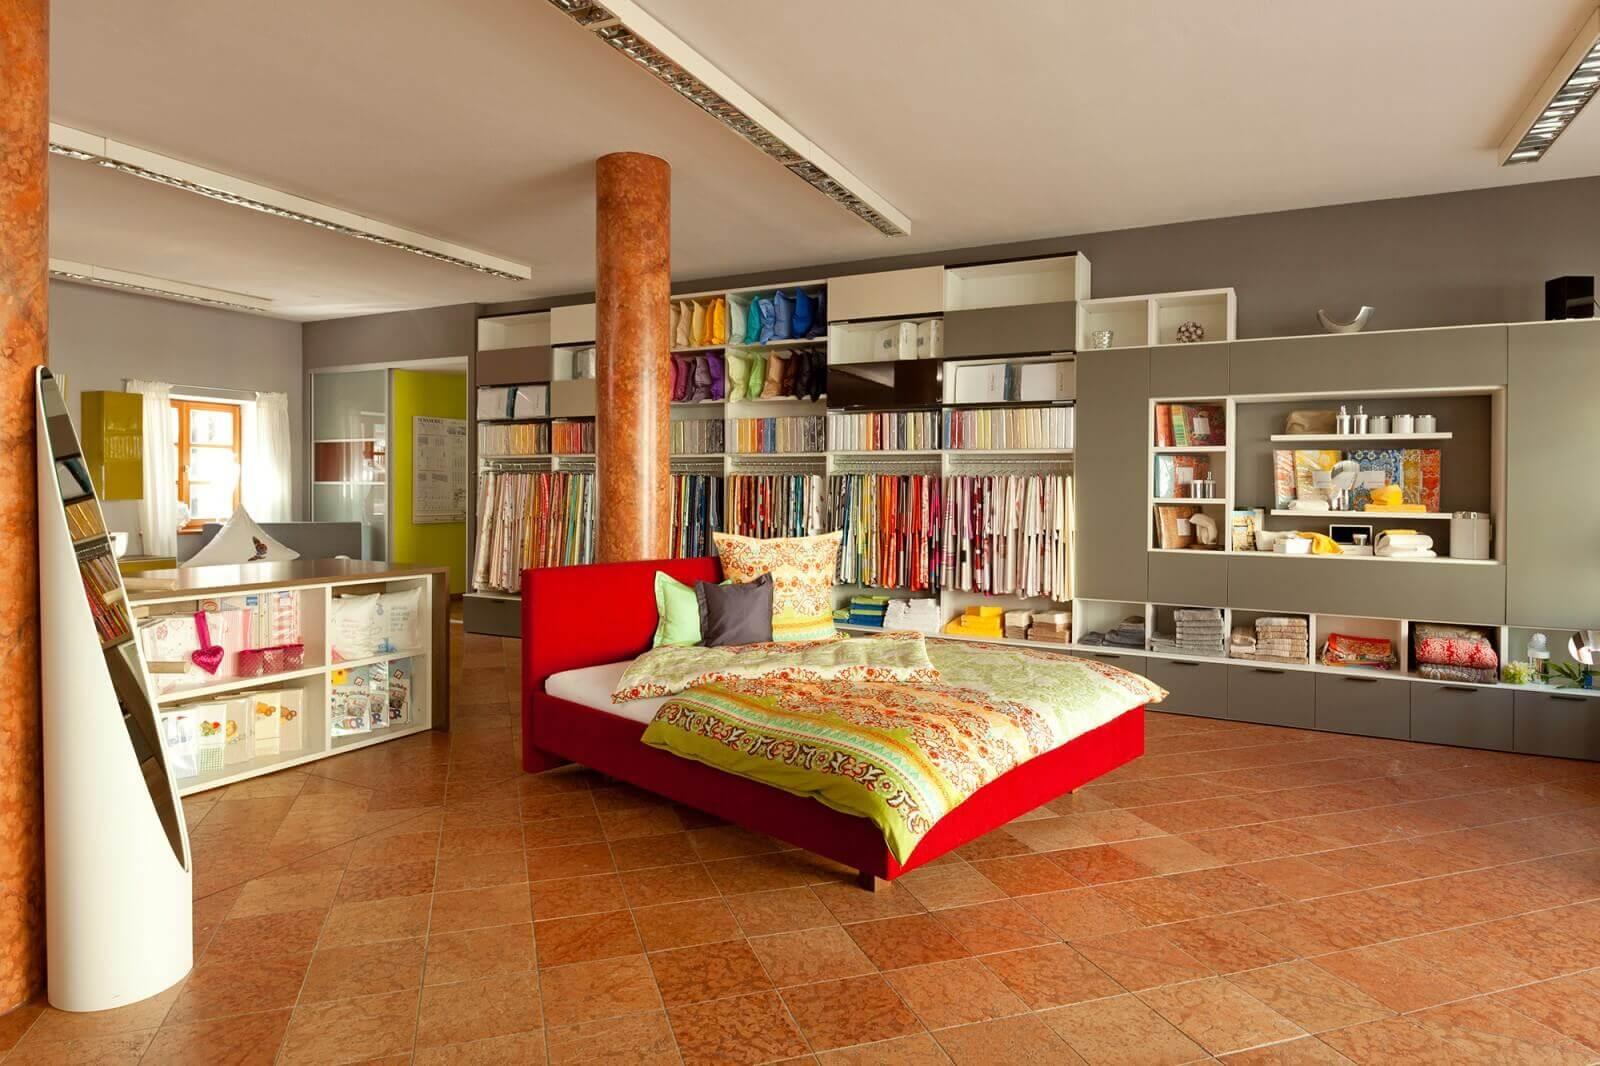 Full Size of Ber Uns Schlafstudio Freising In Sofa München Betten Wohnzimmer Schlafstudio München